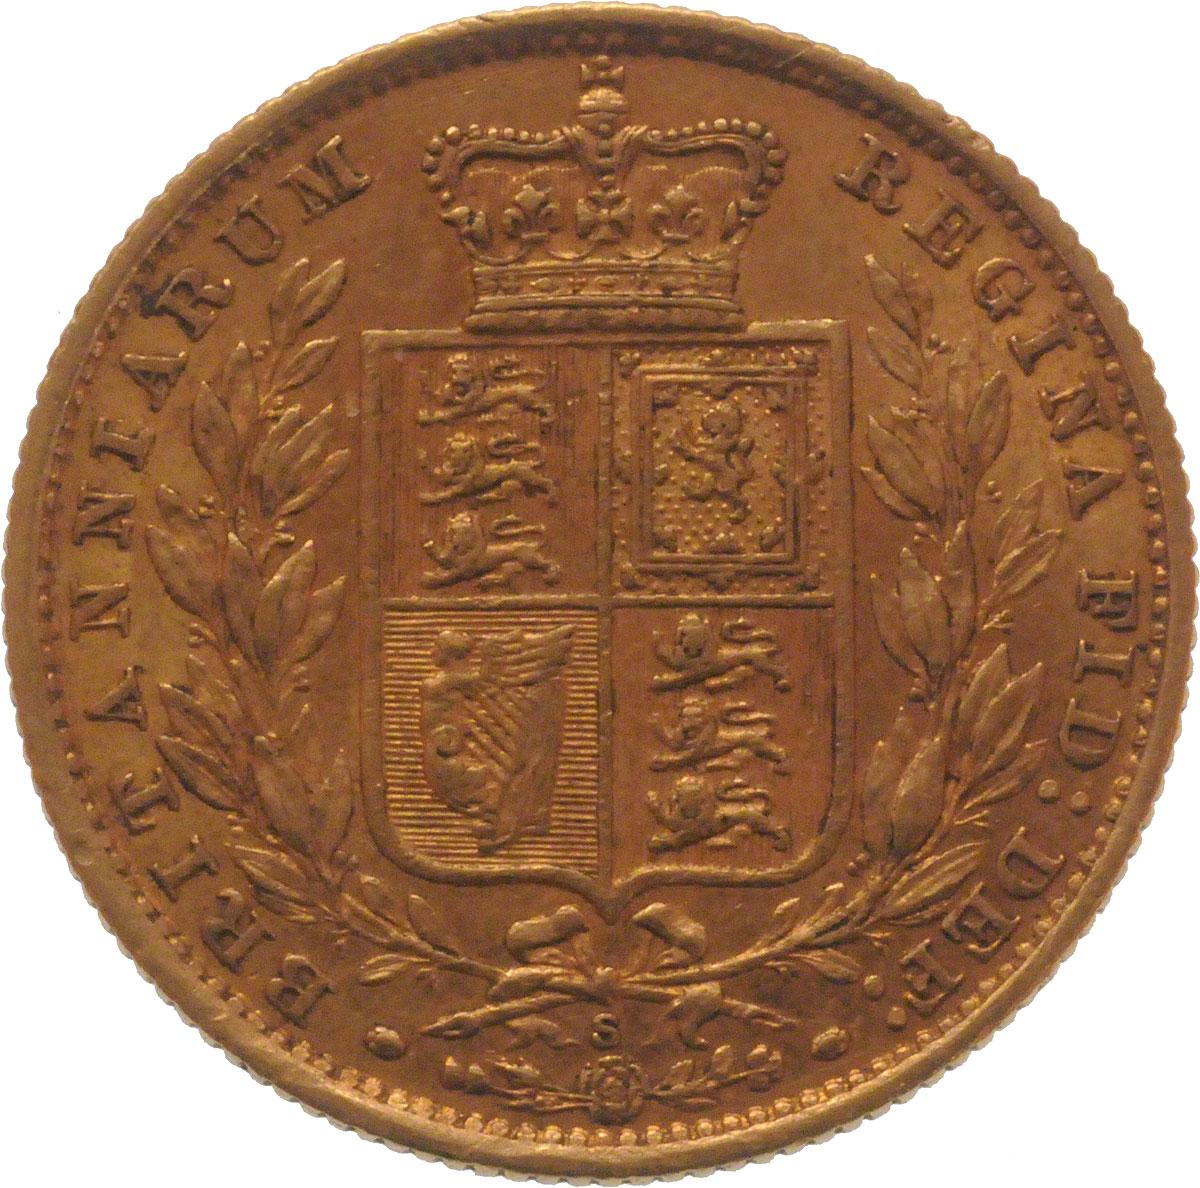 1884 Βικτώρια – Θυρεός (Νομισματοκοπείο Σίδνεϊ)